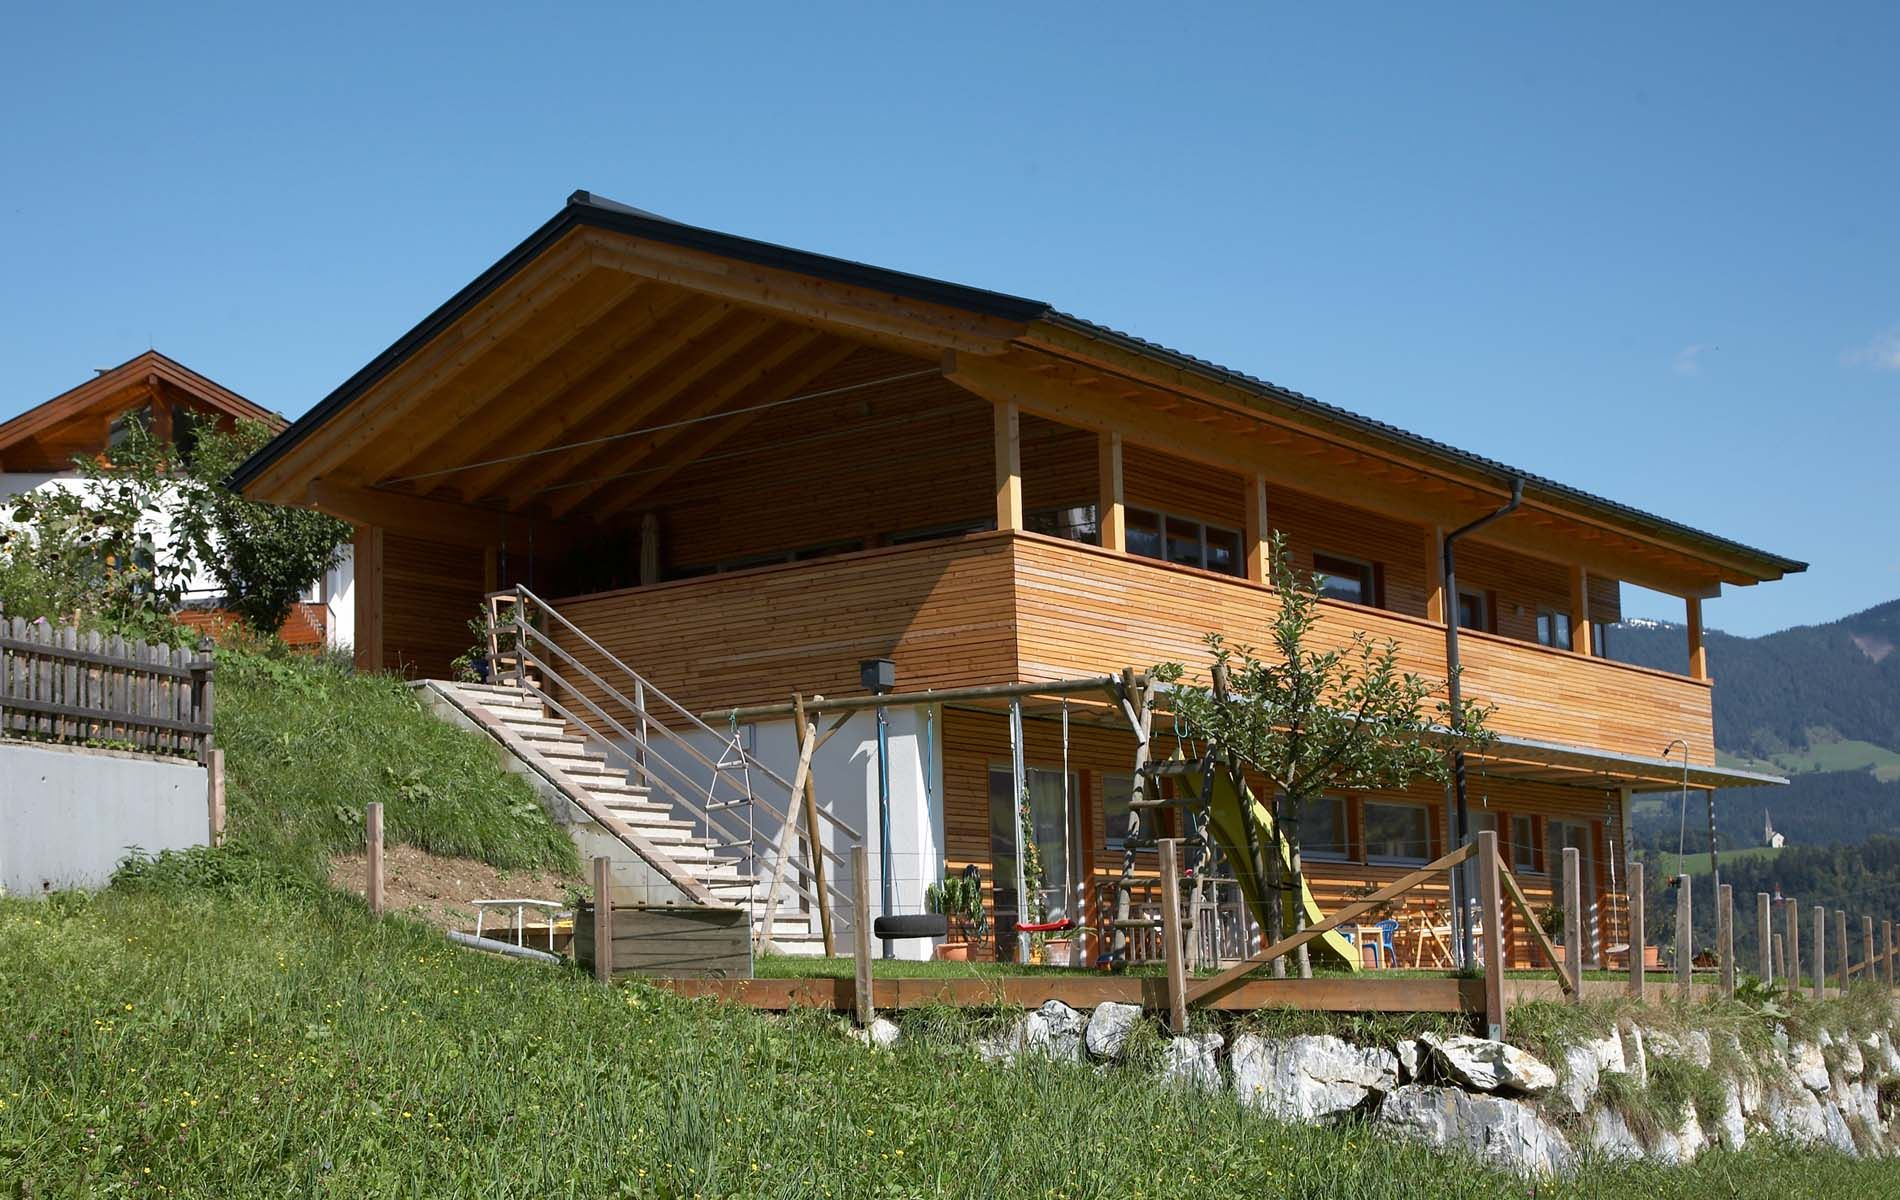 Bauhaus Architektur Einfamilienhaus einfamilienhaus holzhaus modern was wir bauen meiberger